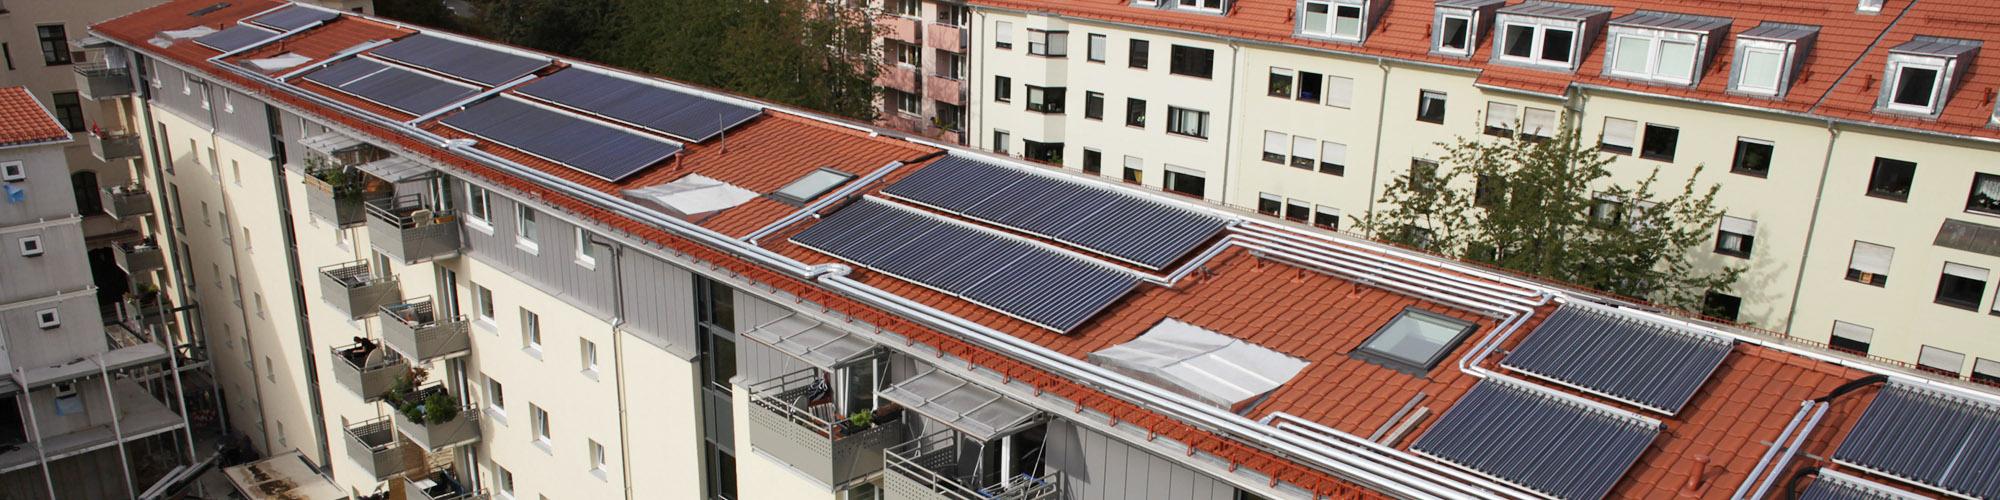 Solares Heizen einer Wohnanlage in München